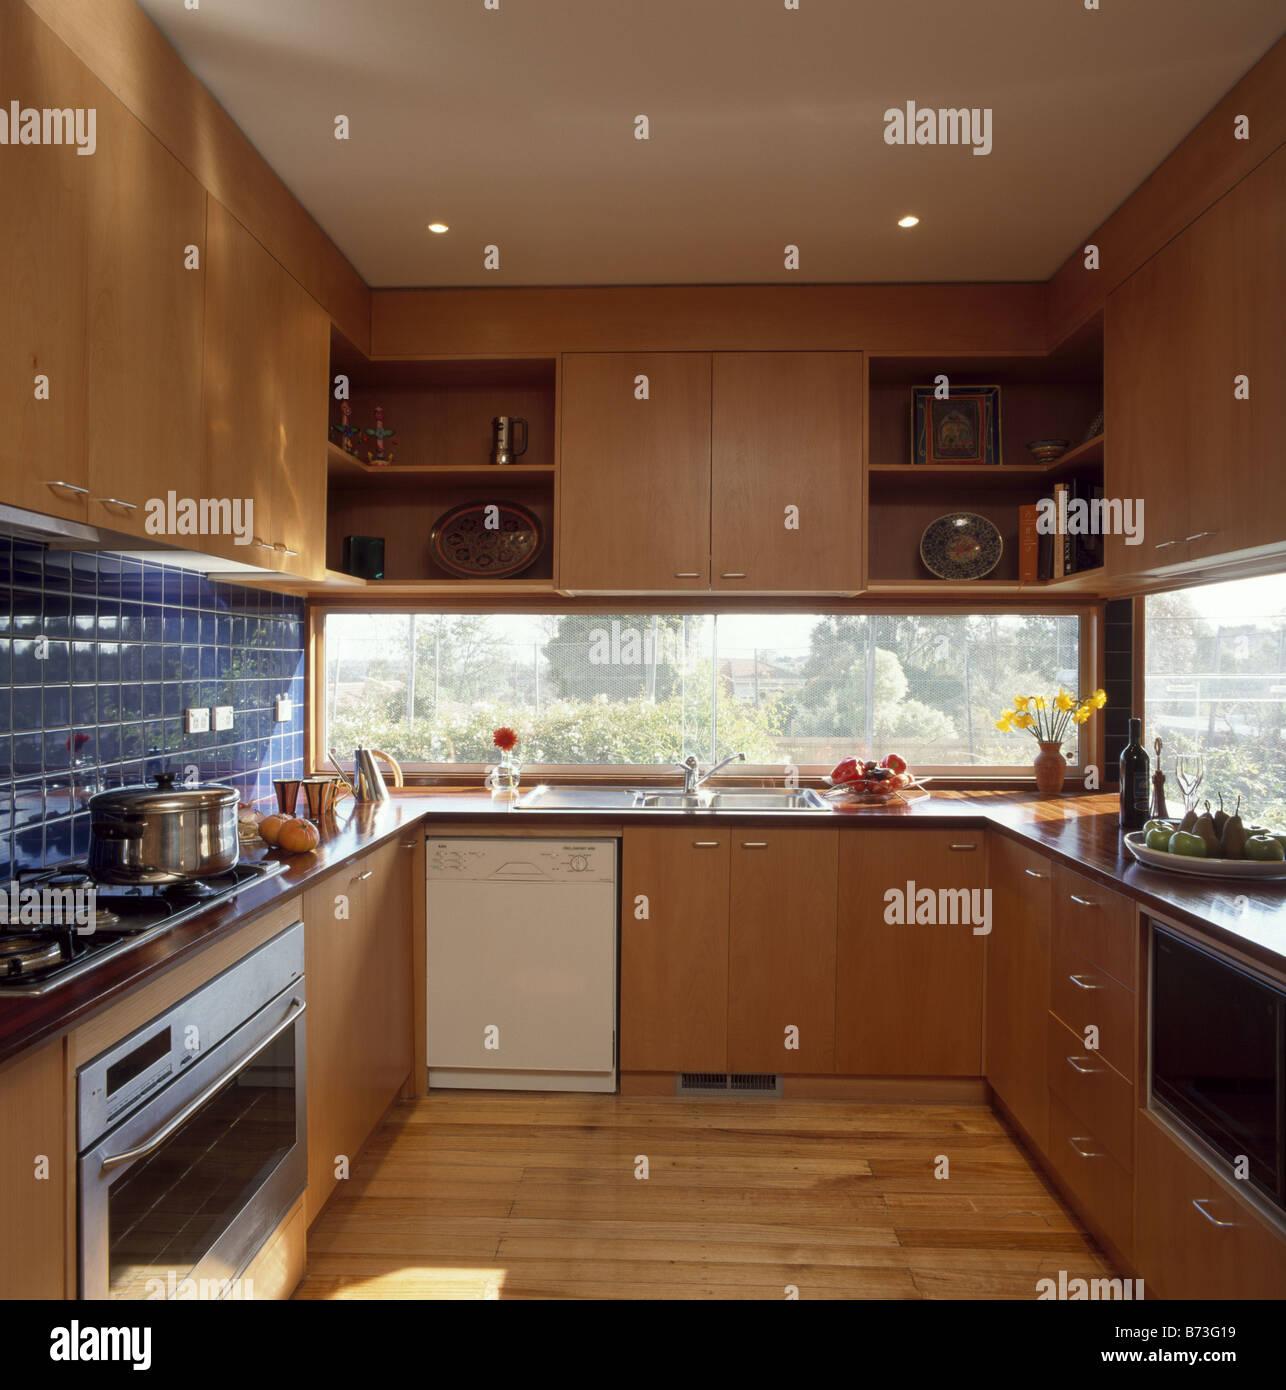 Lavastoviglie in semplici unità di legno nella cucina moderna con ...